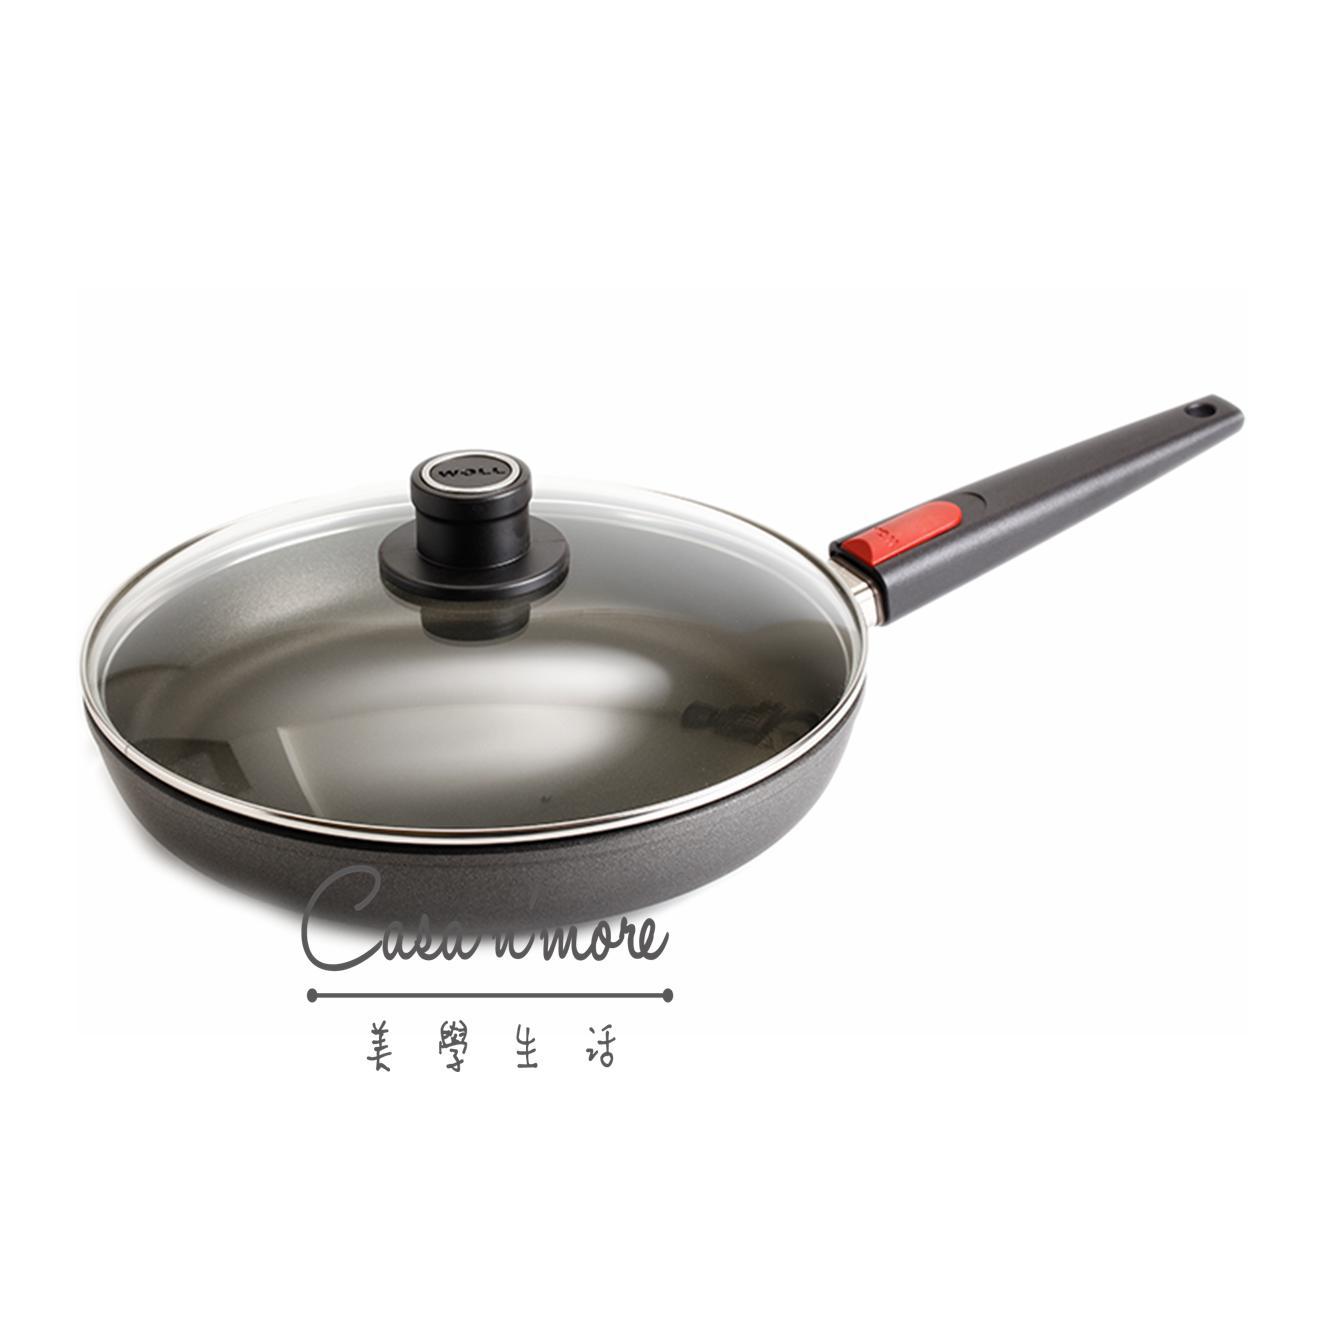 WOLL 1528N 不沾鍋 + 鍋蓋 ( 鈦合金, 28cm, 手柄可拆 ) 德國製造